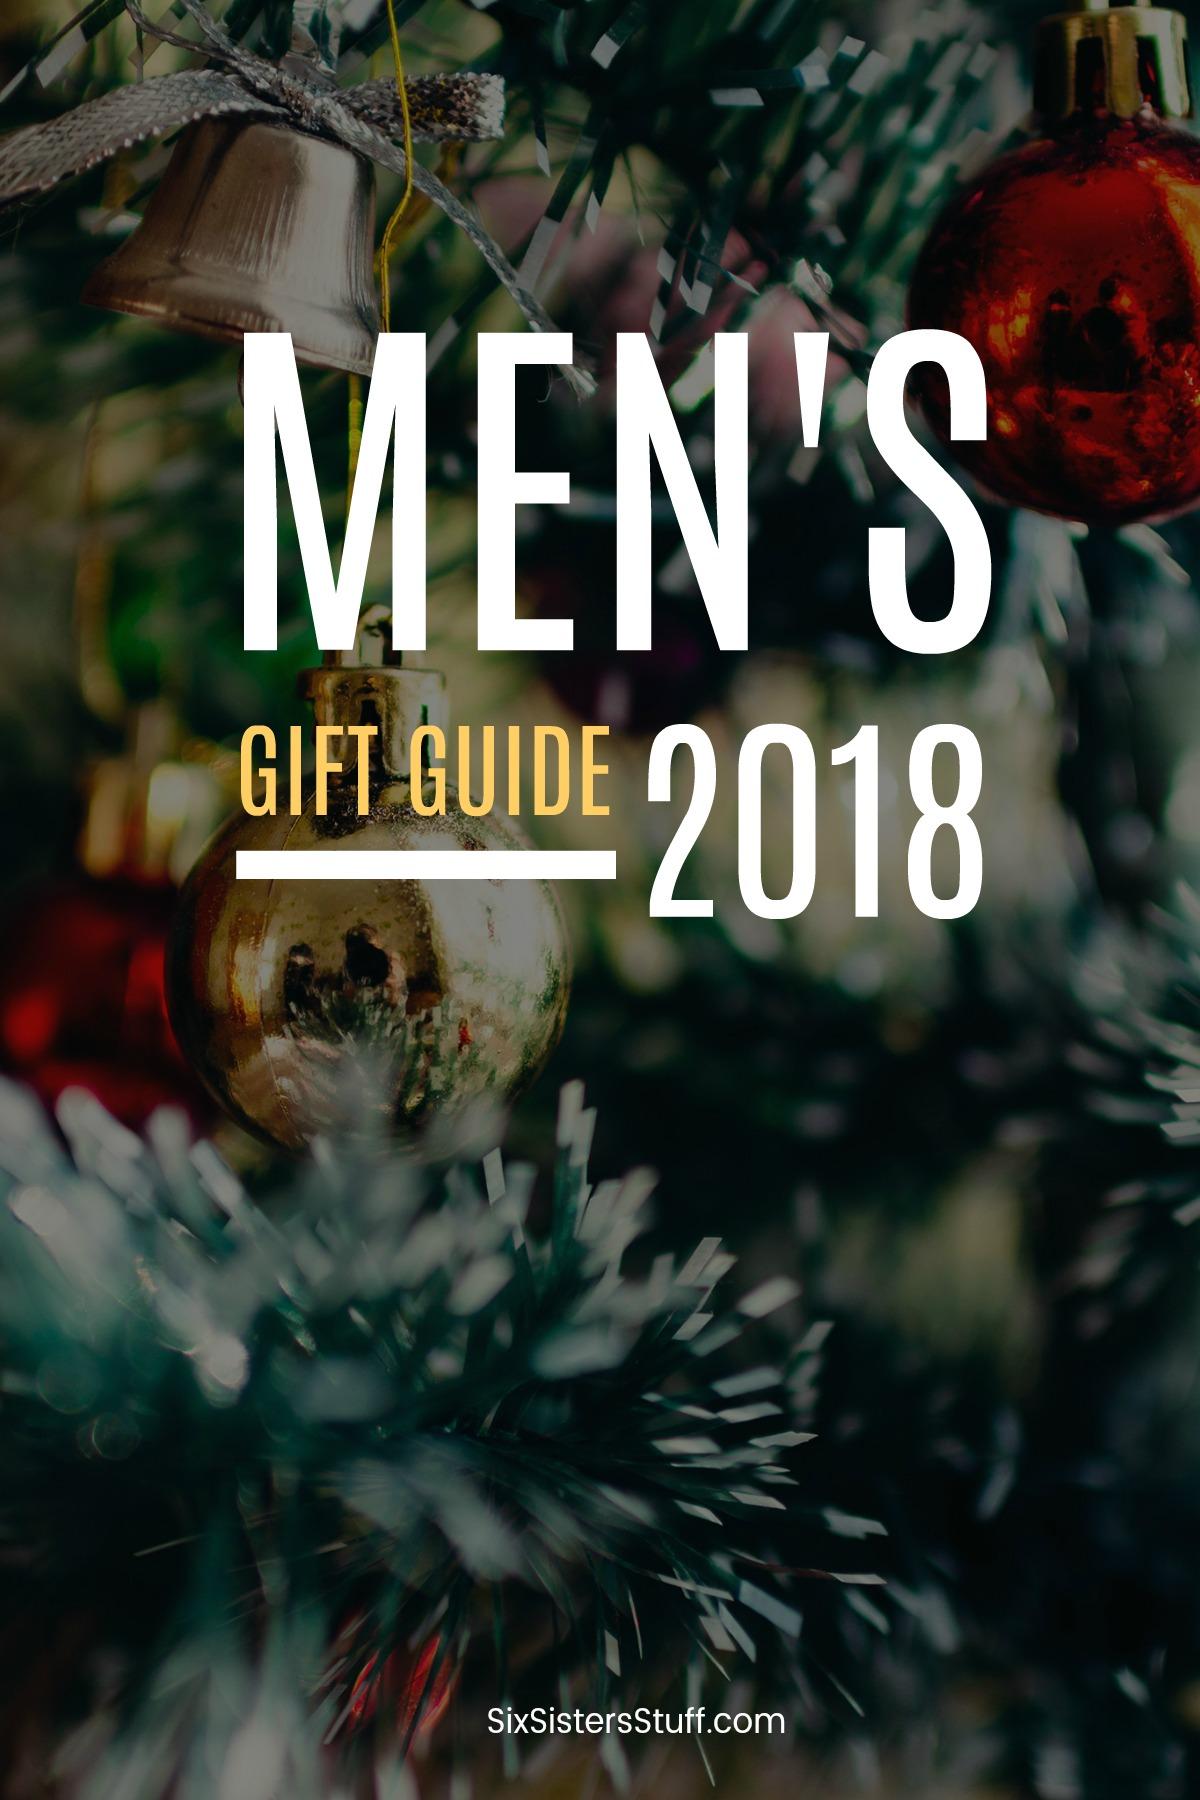 Men's Gift Guide 2018